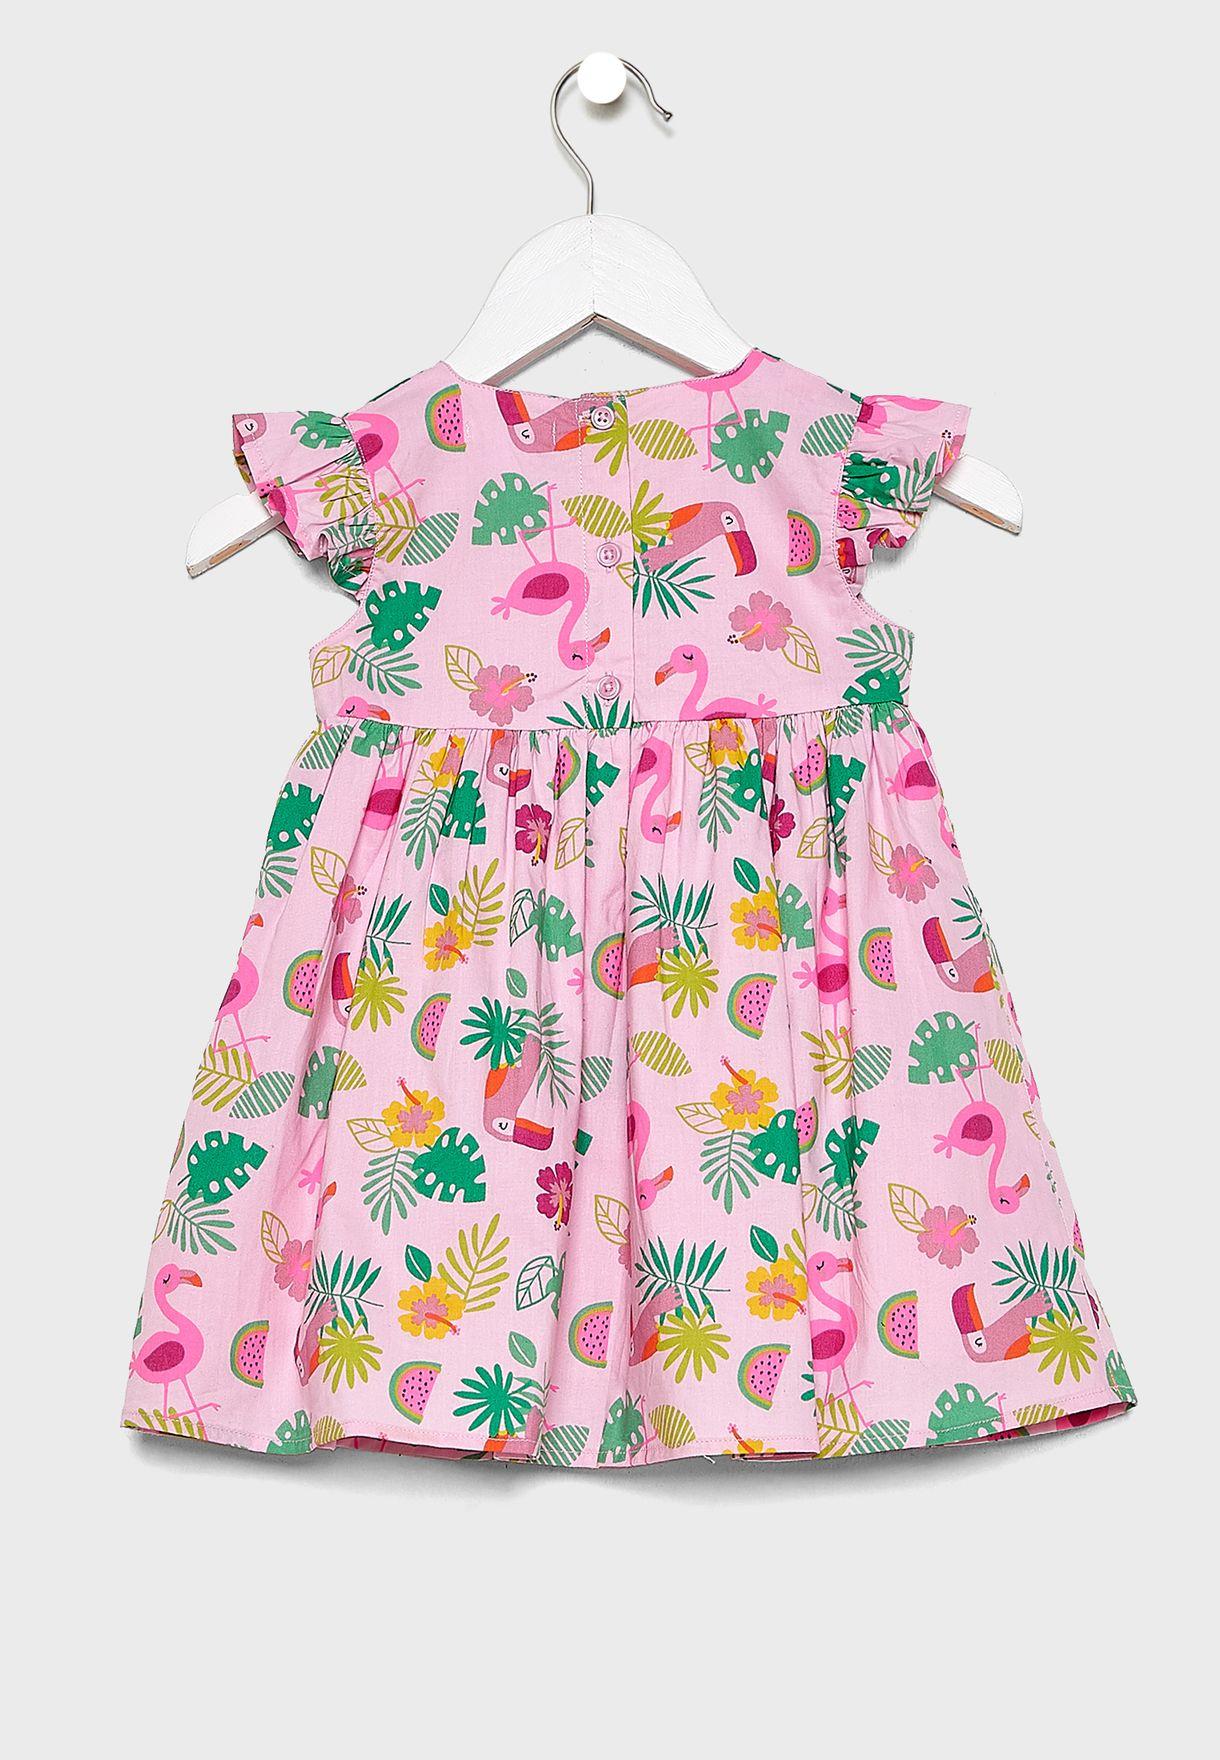 فستان بطبعات استوائية للبيبي